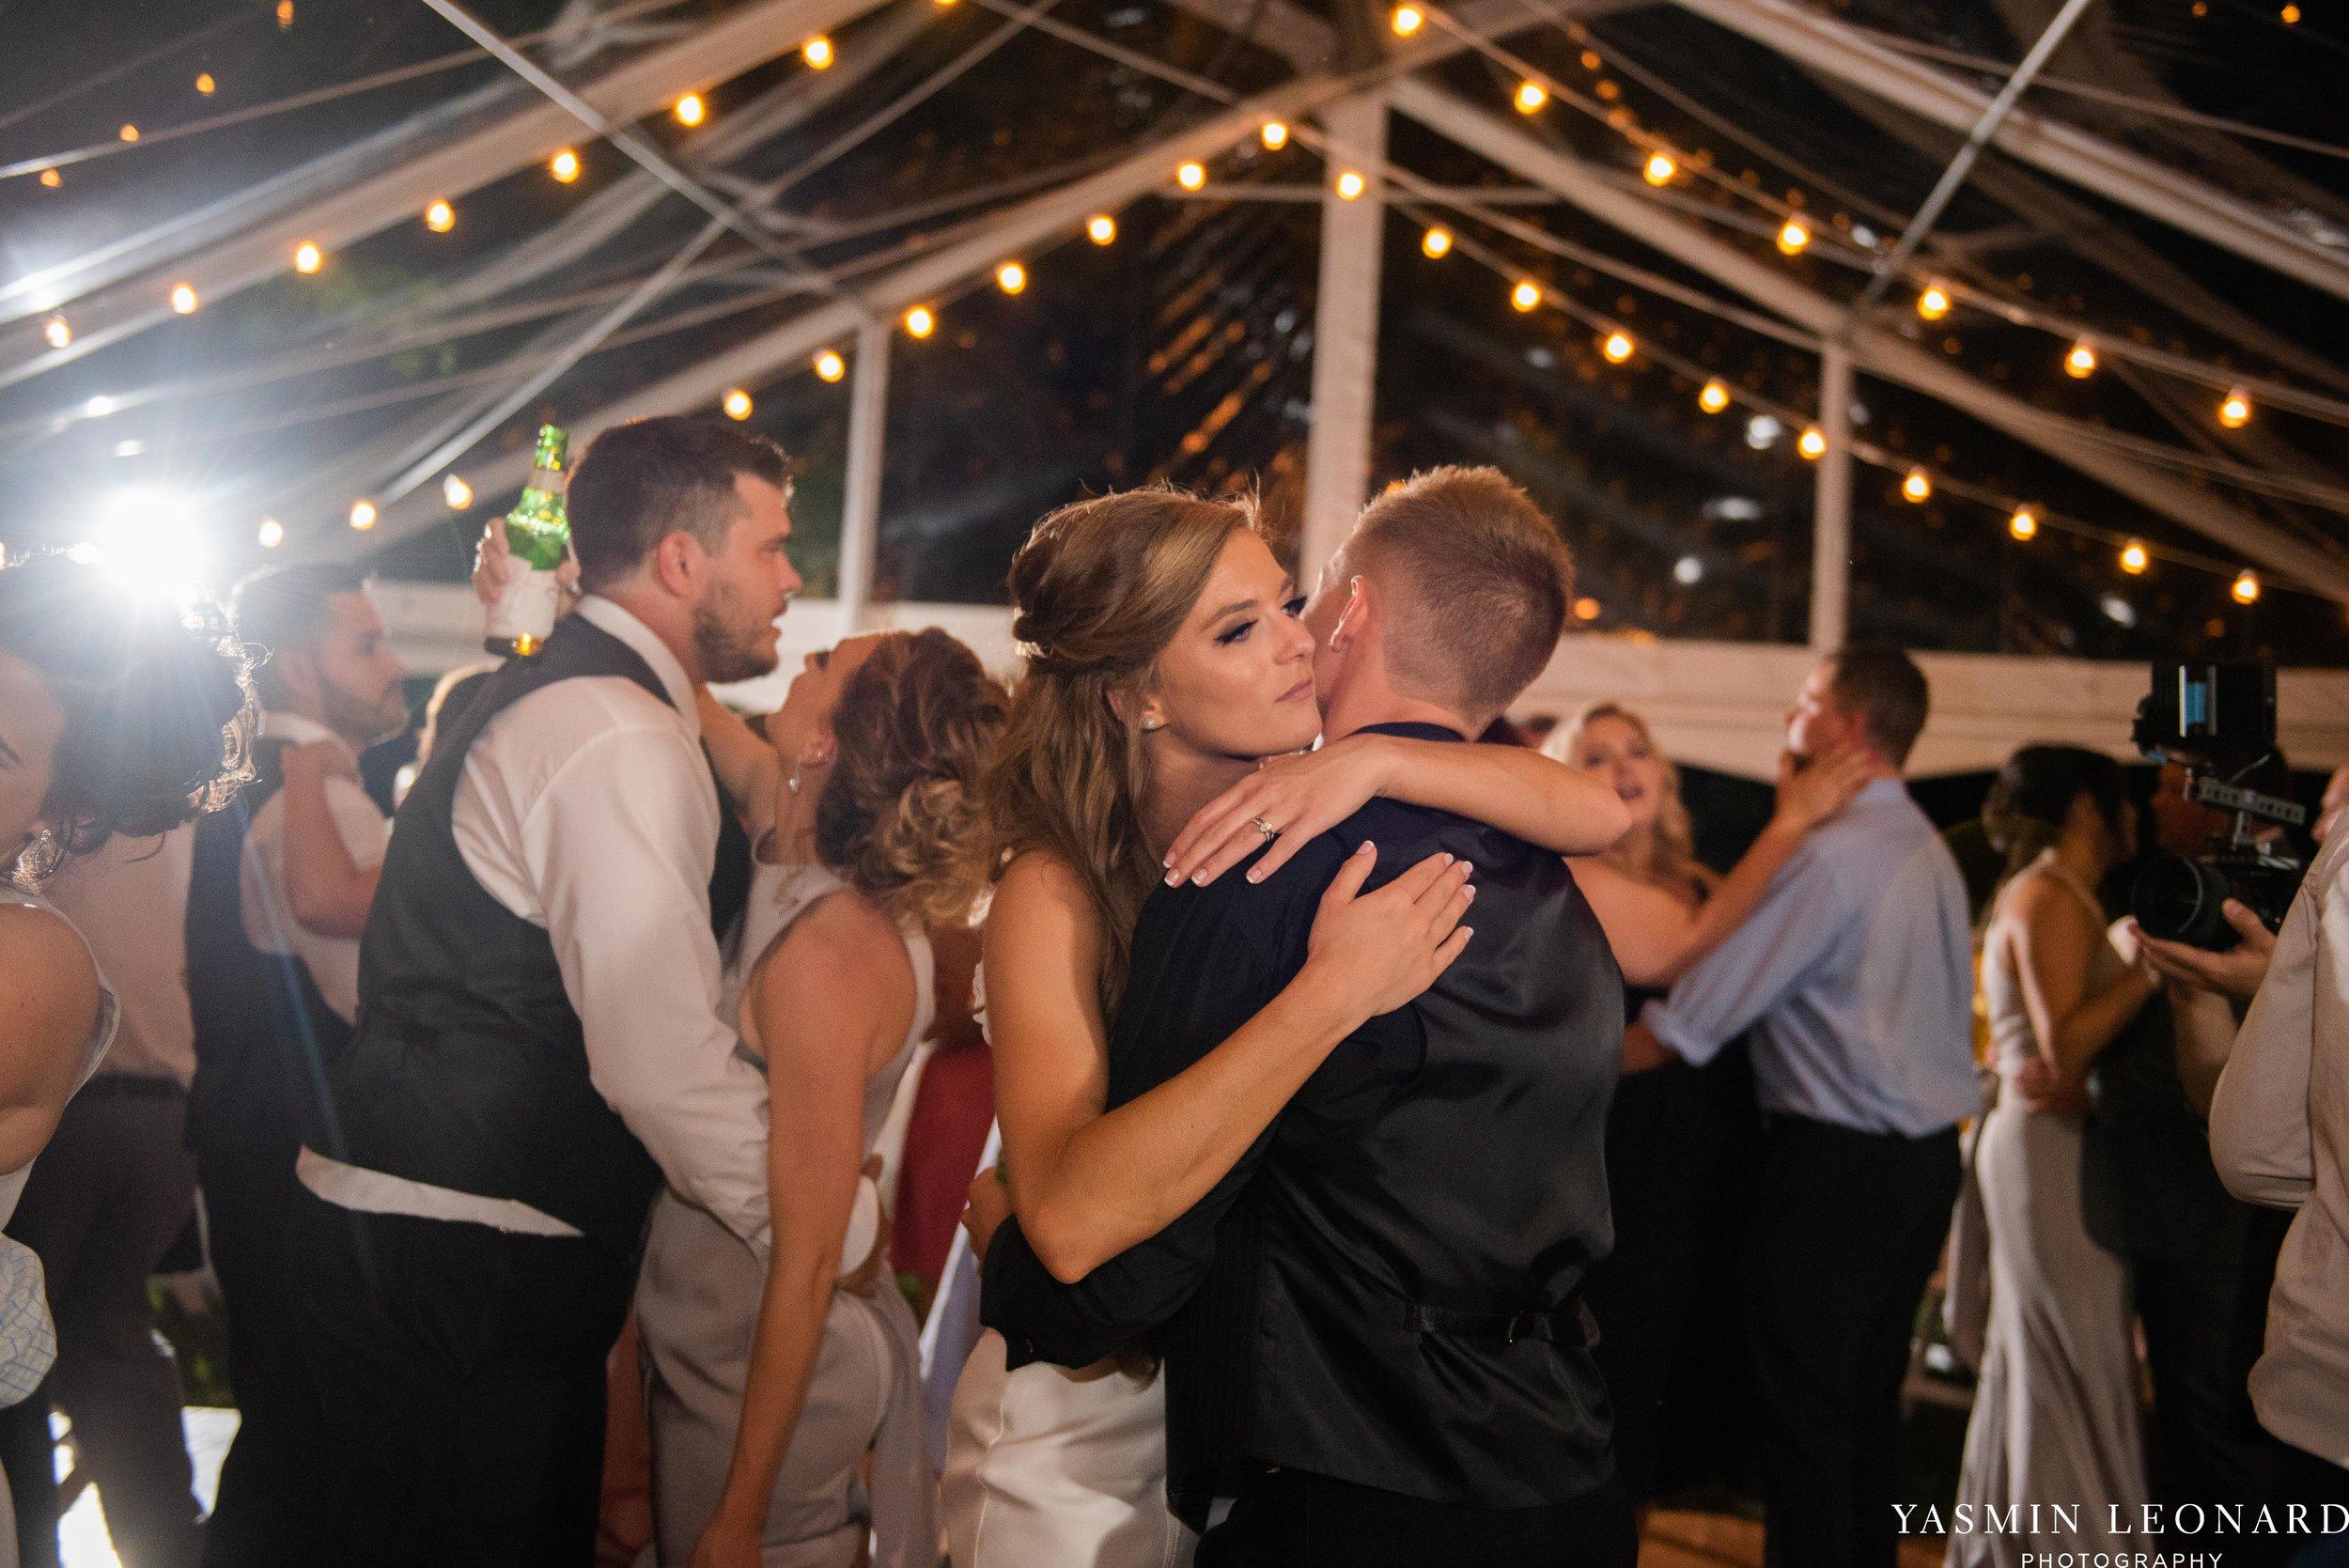 Boxwood Estate - Boxwood Estate Wedding - Luxury Wedding - Black and White Wedding - NC Wedding Venues - NC Weddings - NC Photographer - Lantern Release Grand Exit - Large Wedding Party - Yasmin Leonard Photography-79.jpg